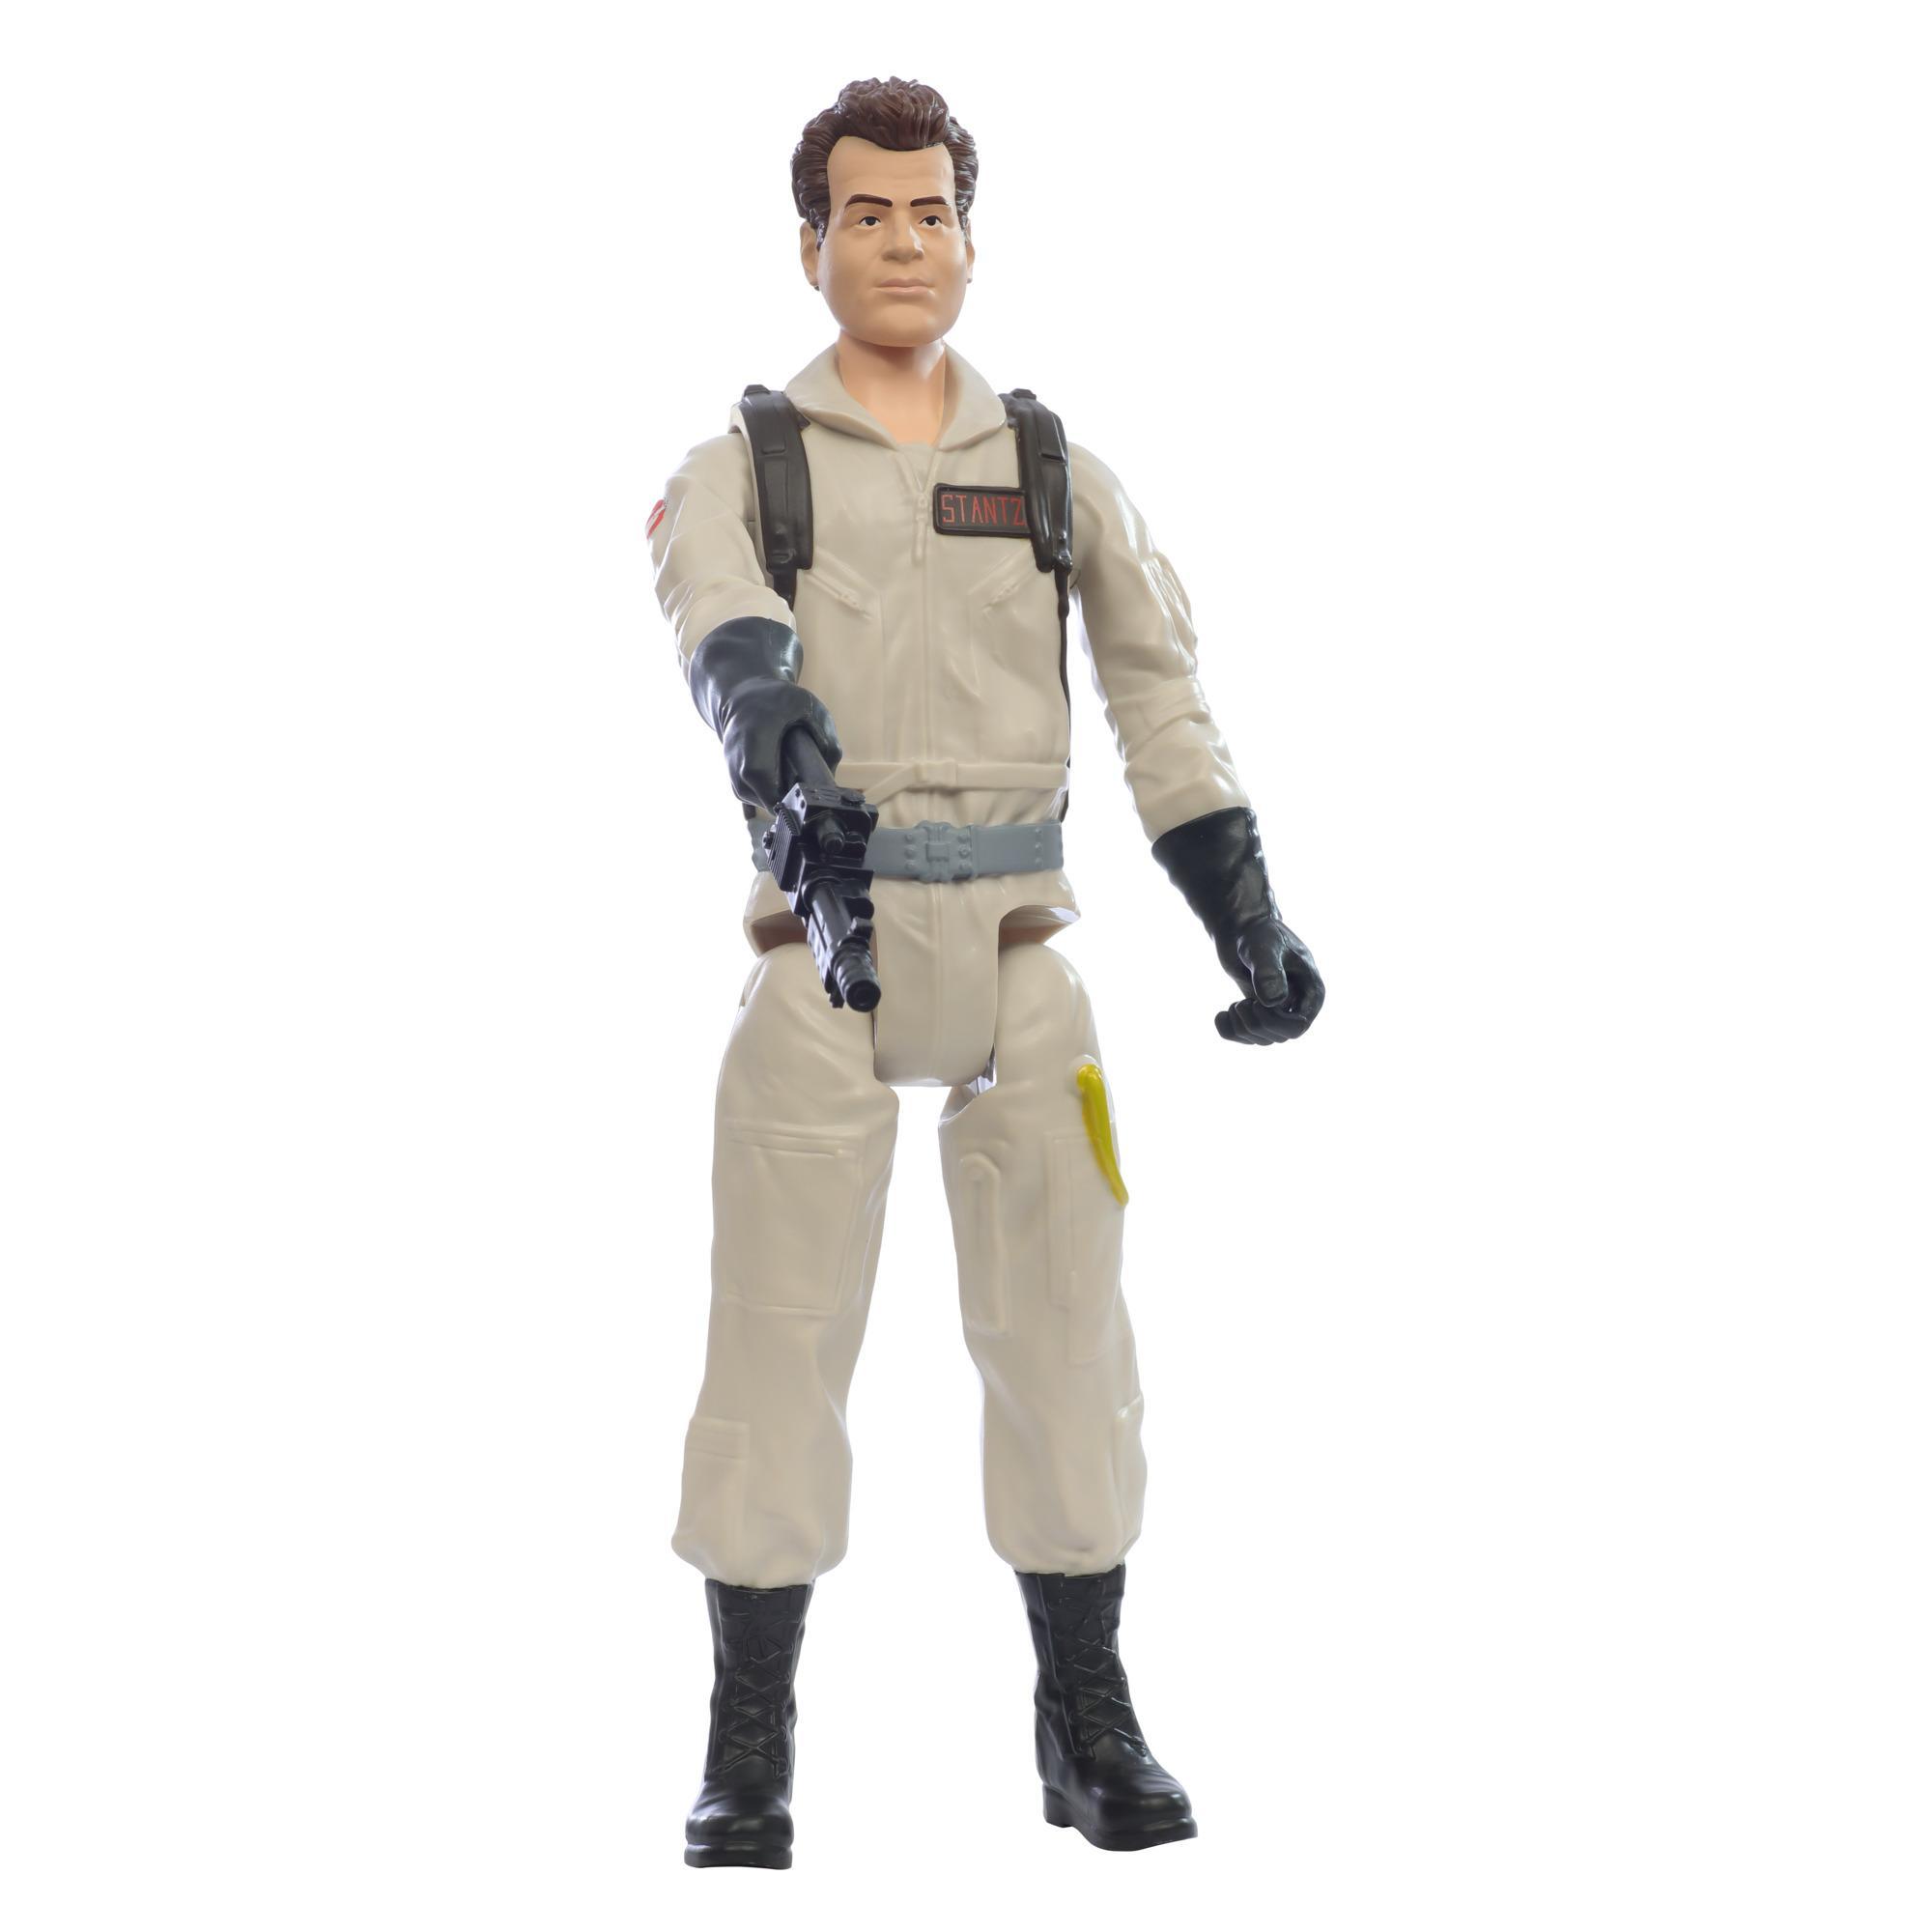 Ghostbusters, Ray Stantz de 30cm, figurine Ghostbusters classique de 1984 à collectionner, pour enfants, dès 4 ans